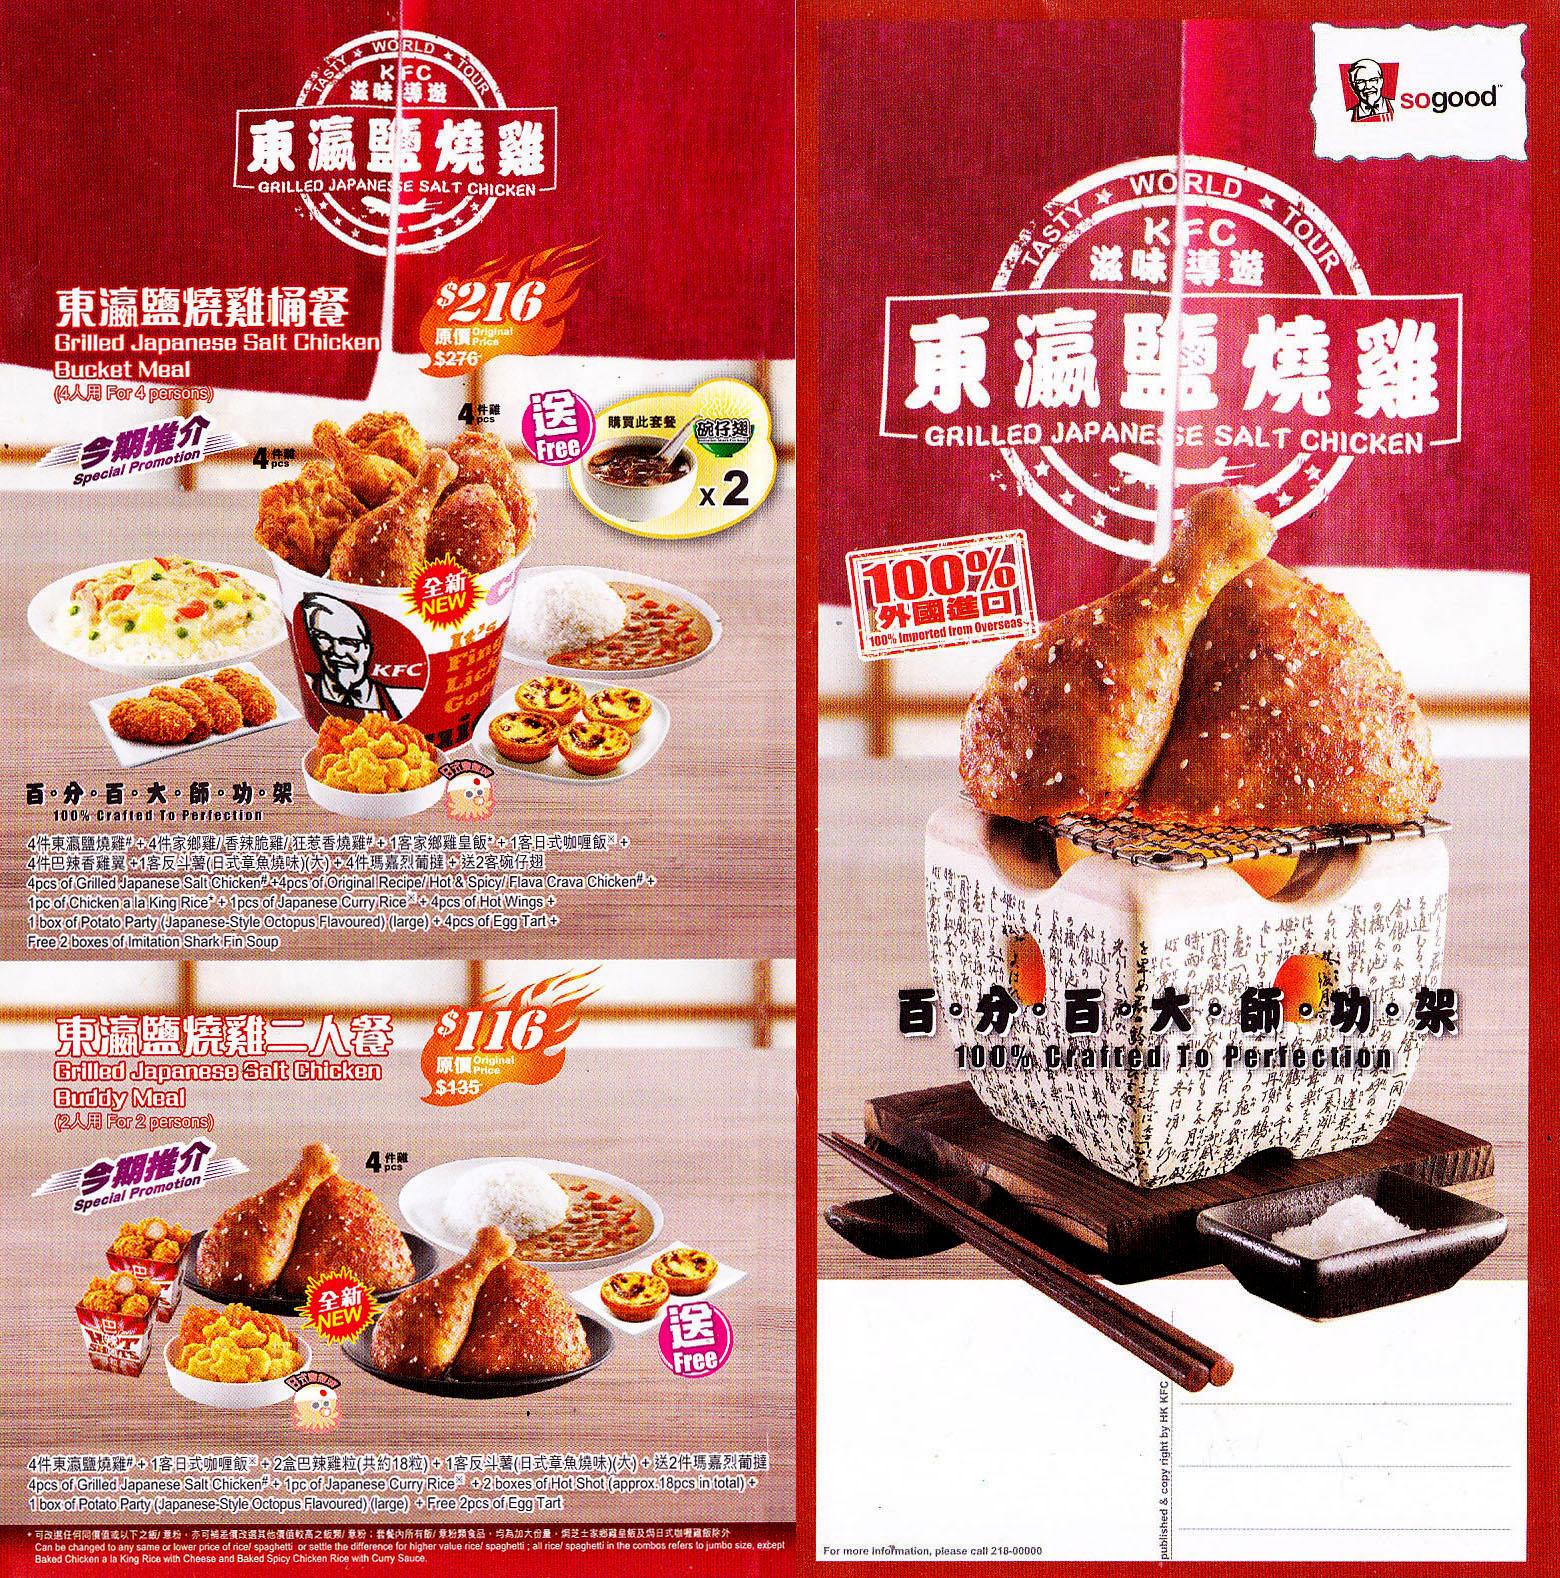 香港肯德基家乡鸡餐厅 kfc hk delivery online coupons 外卖速递服务